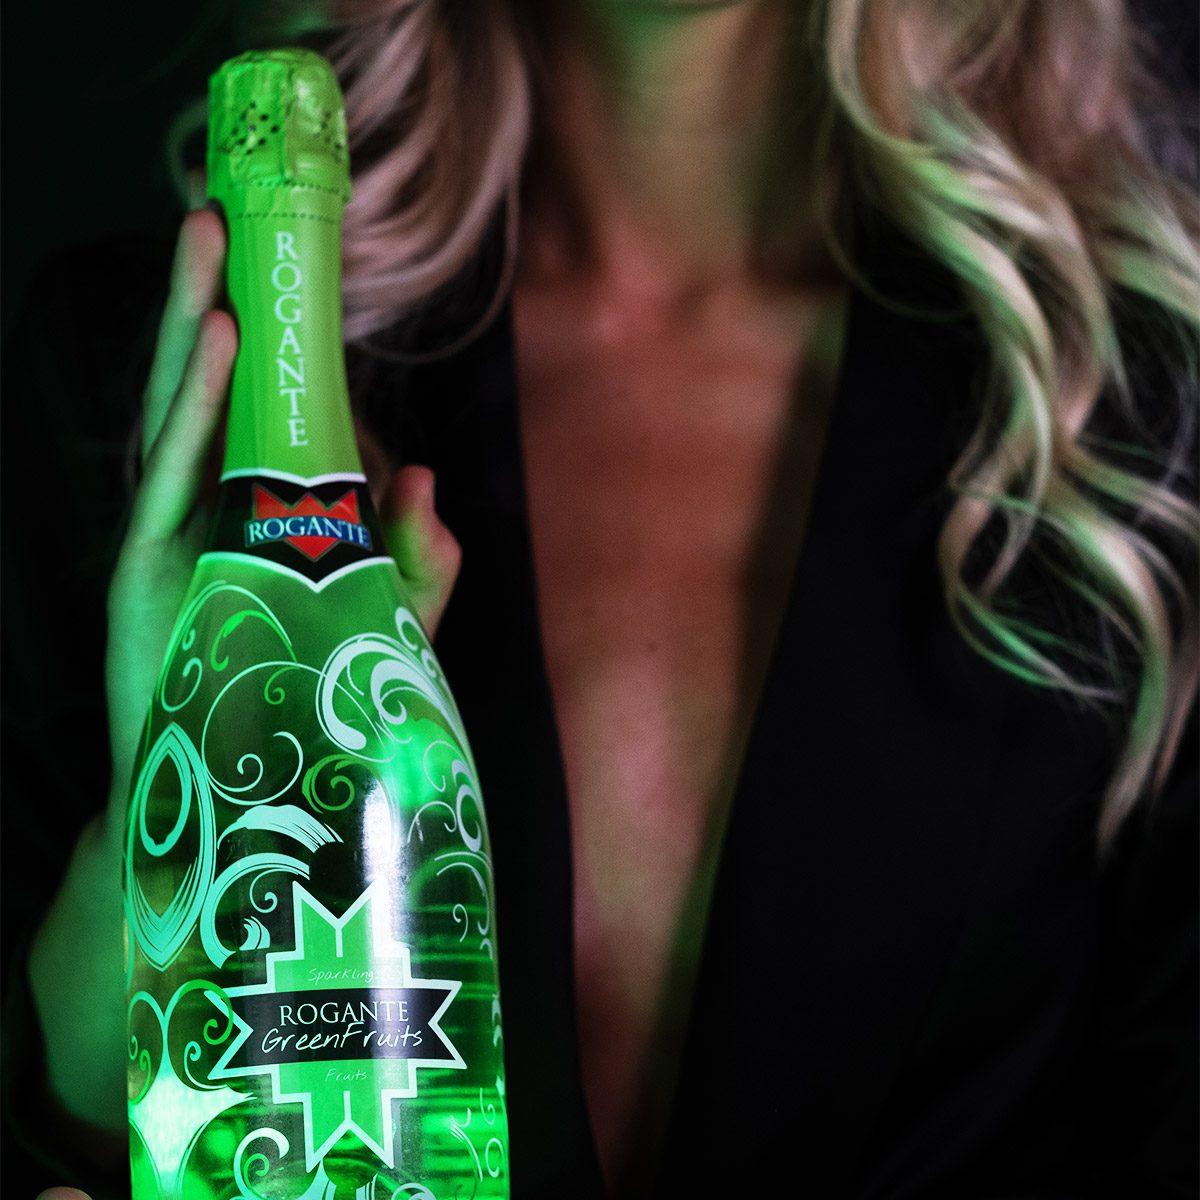 ILLUMINATED BOTTLE  - GreenFruits Sparkling Wine